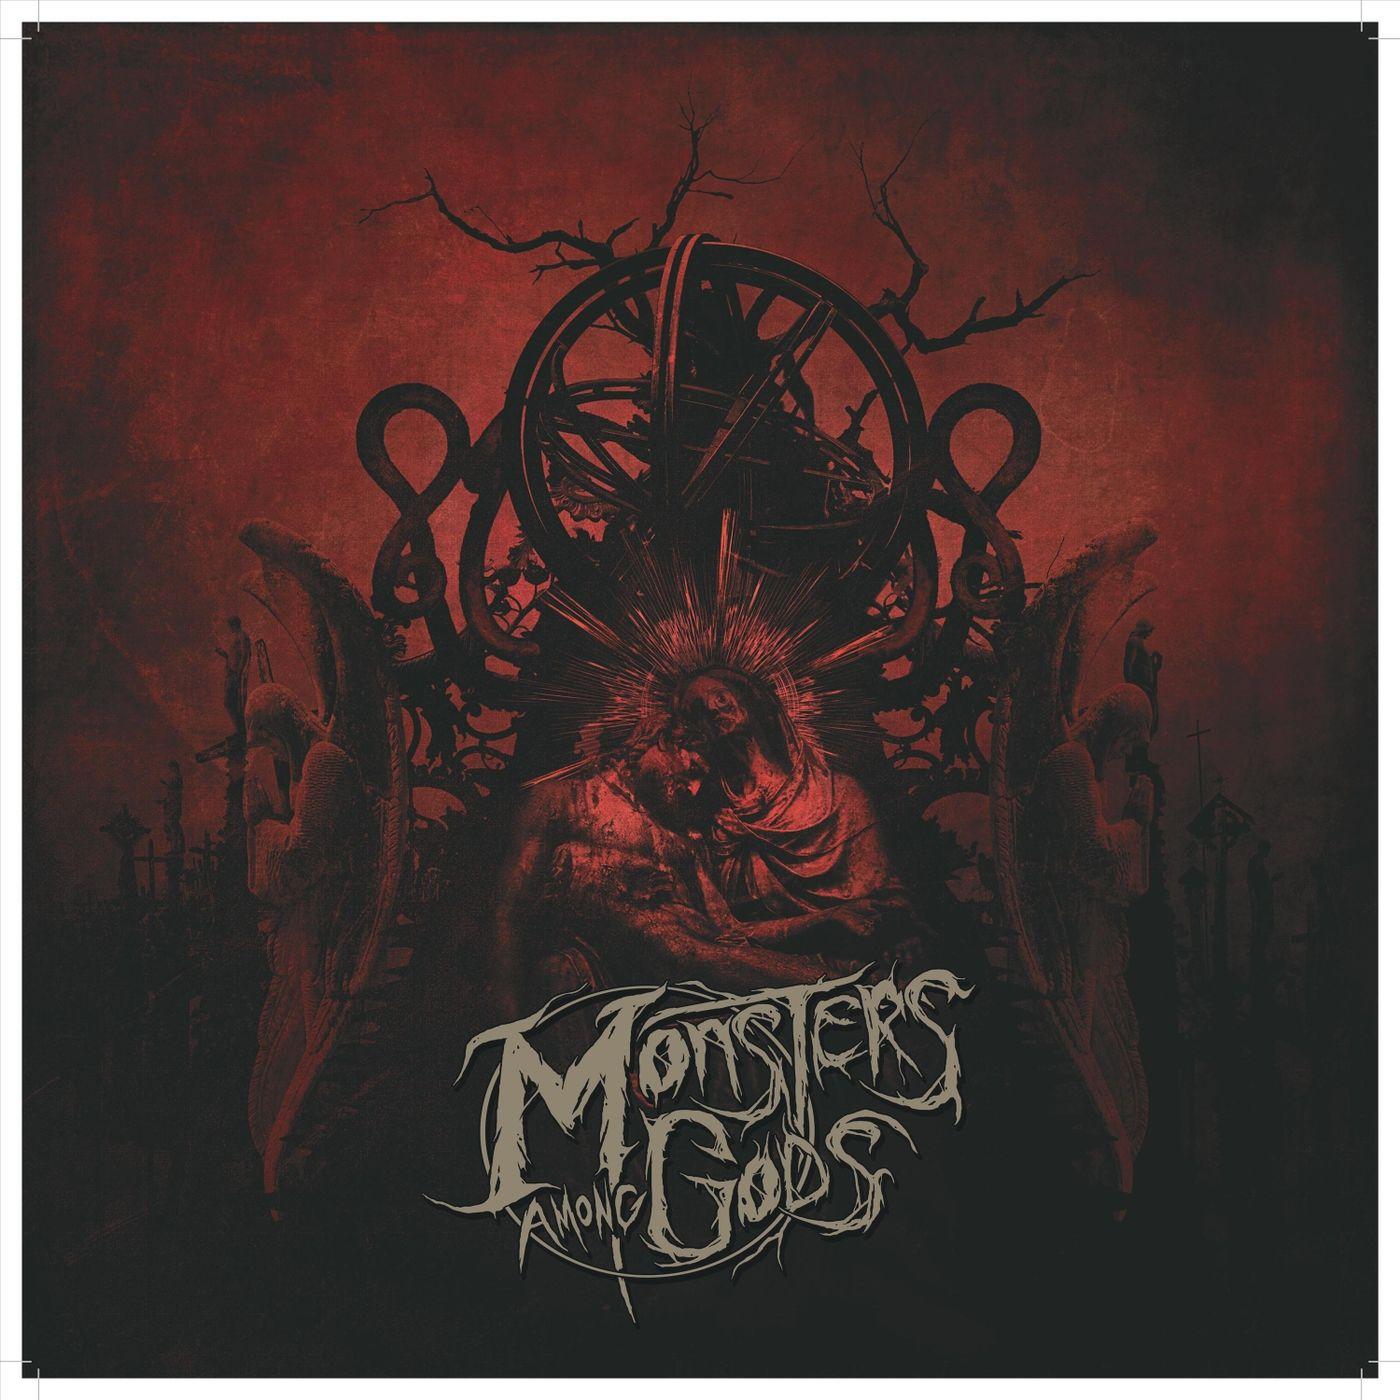 Monsters Among Gods - Monsters Among Gods [EP] (2019)